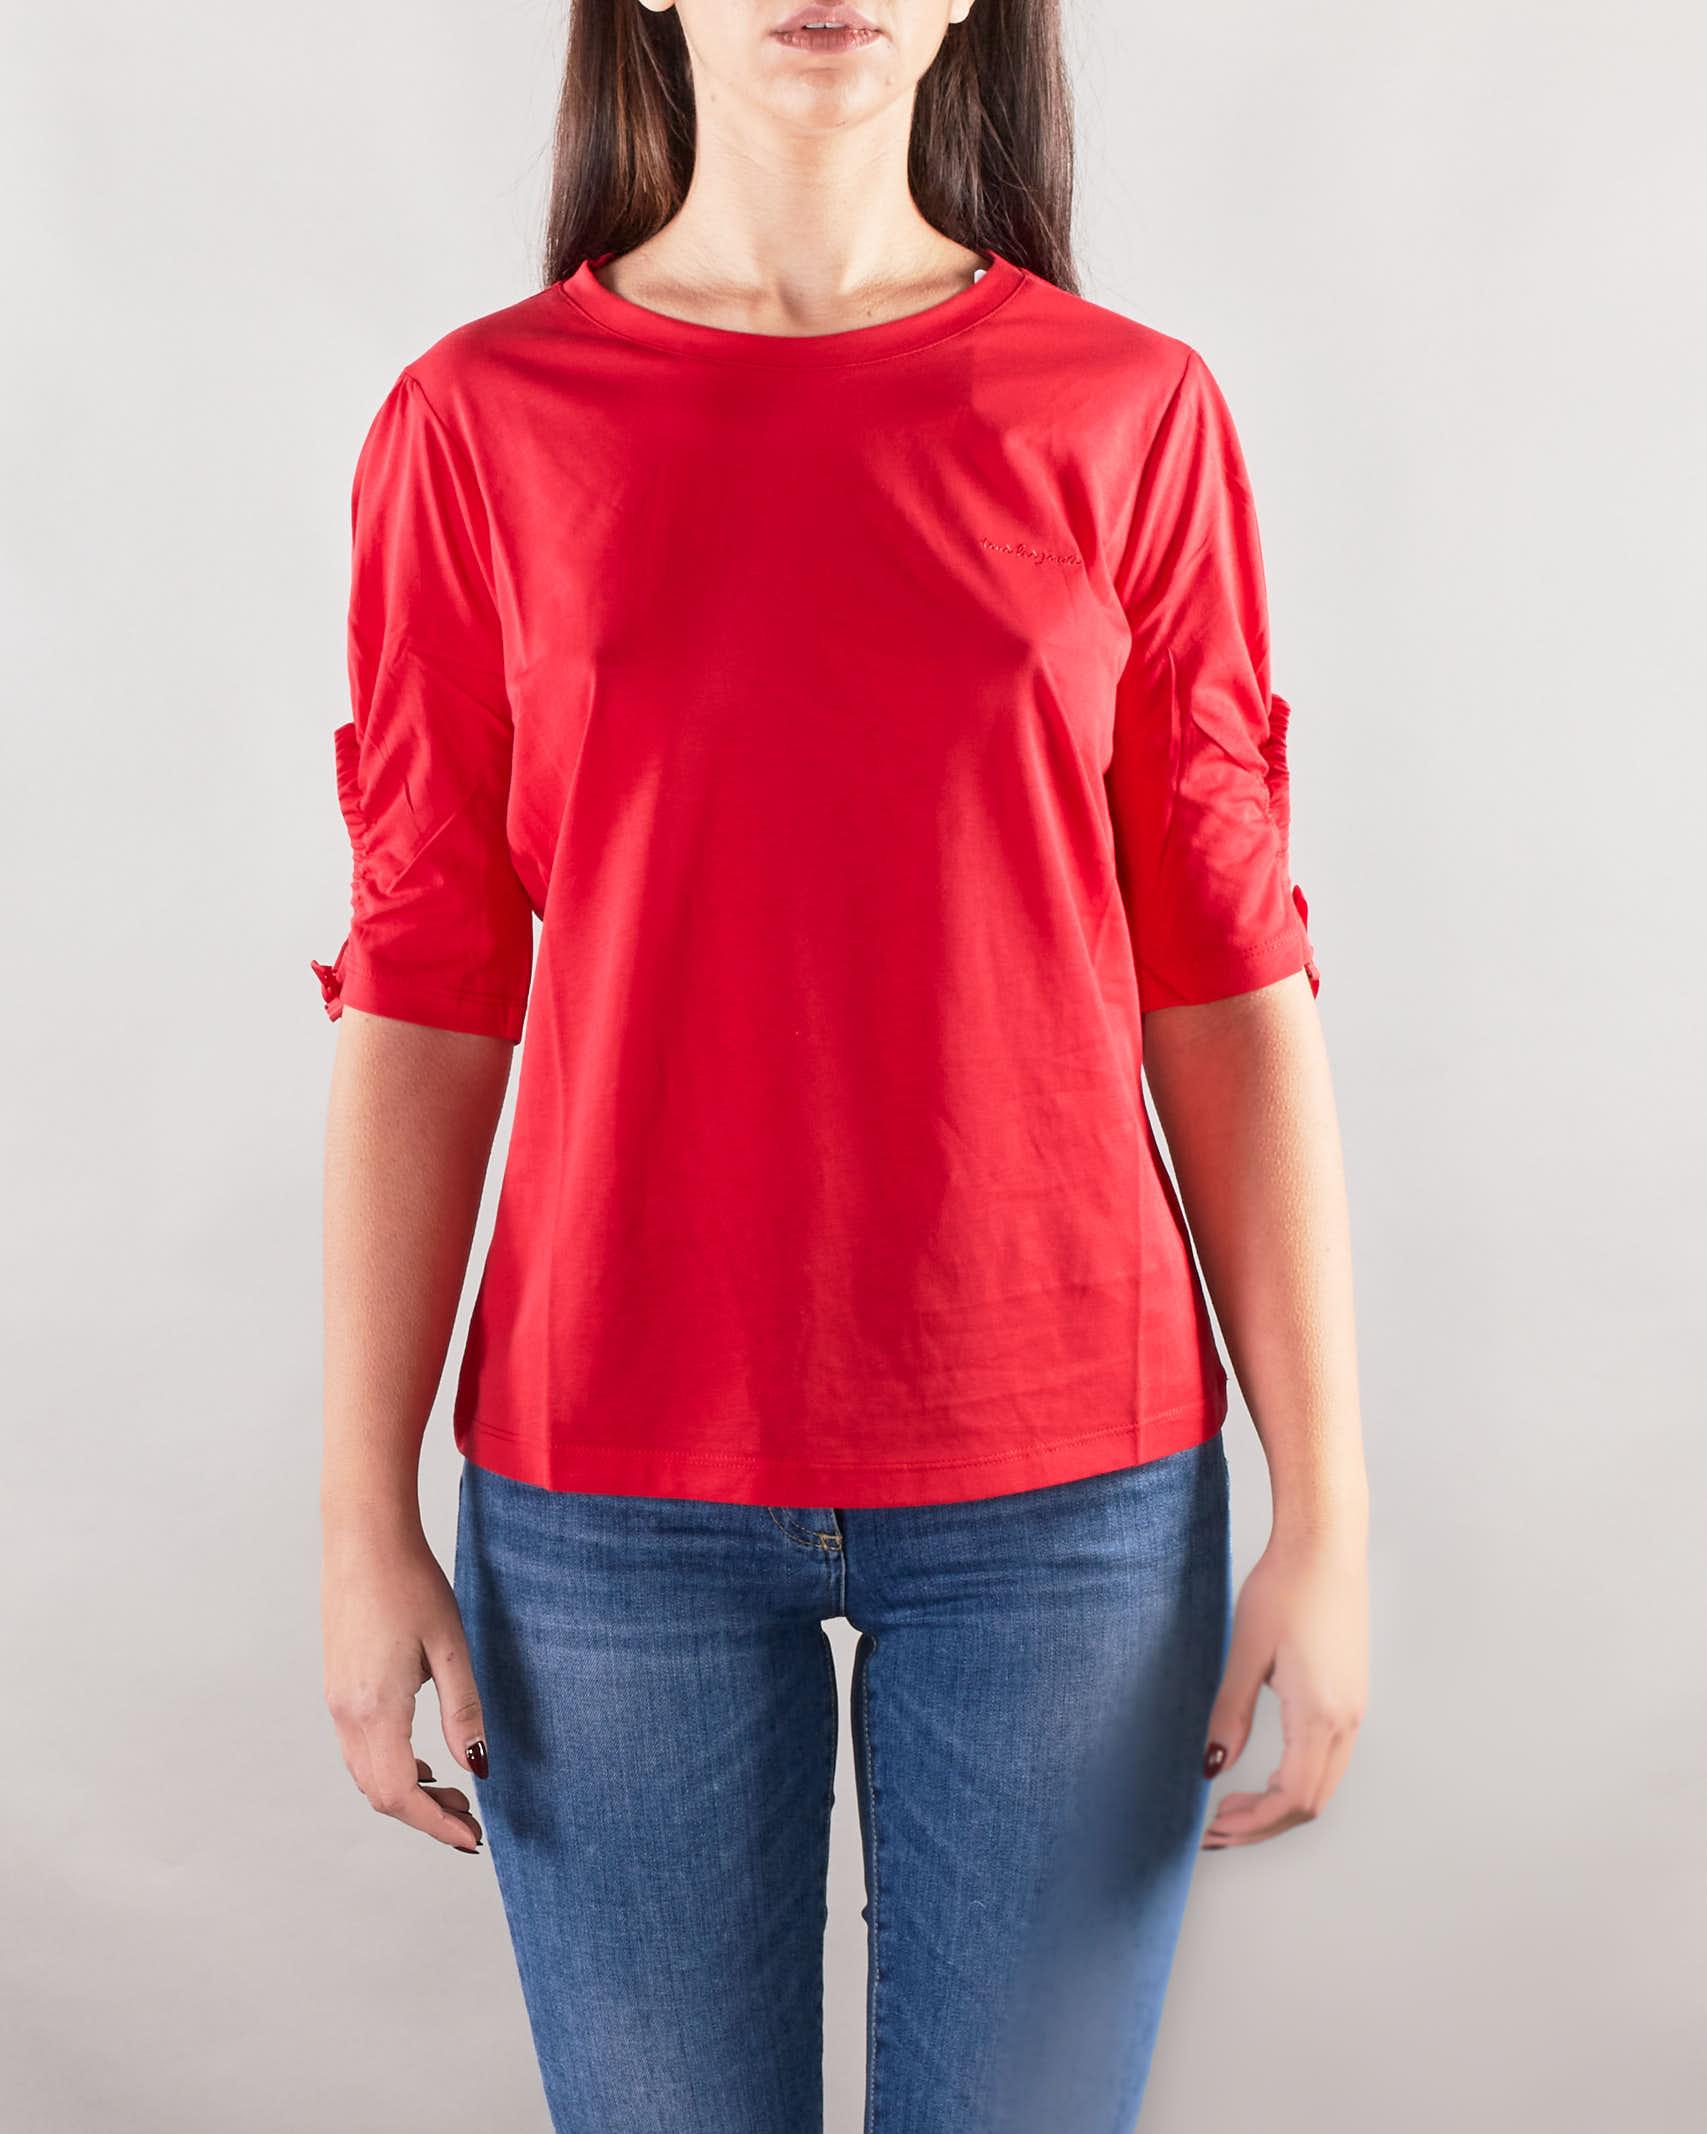 T-shirt basic Nenette NENETTE | T-shirt | DRESDA500